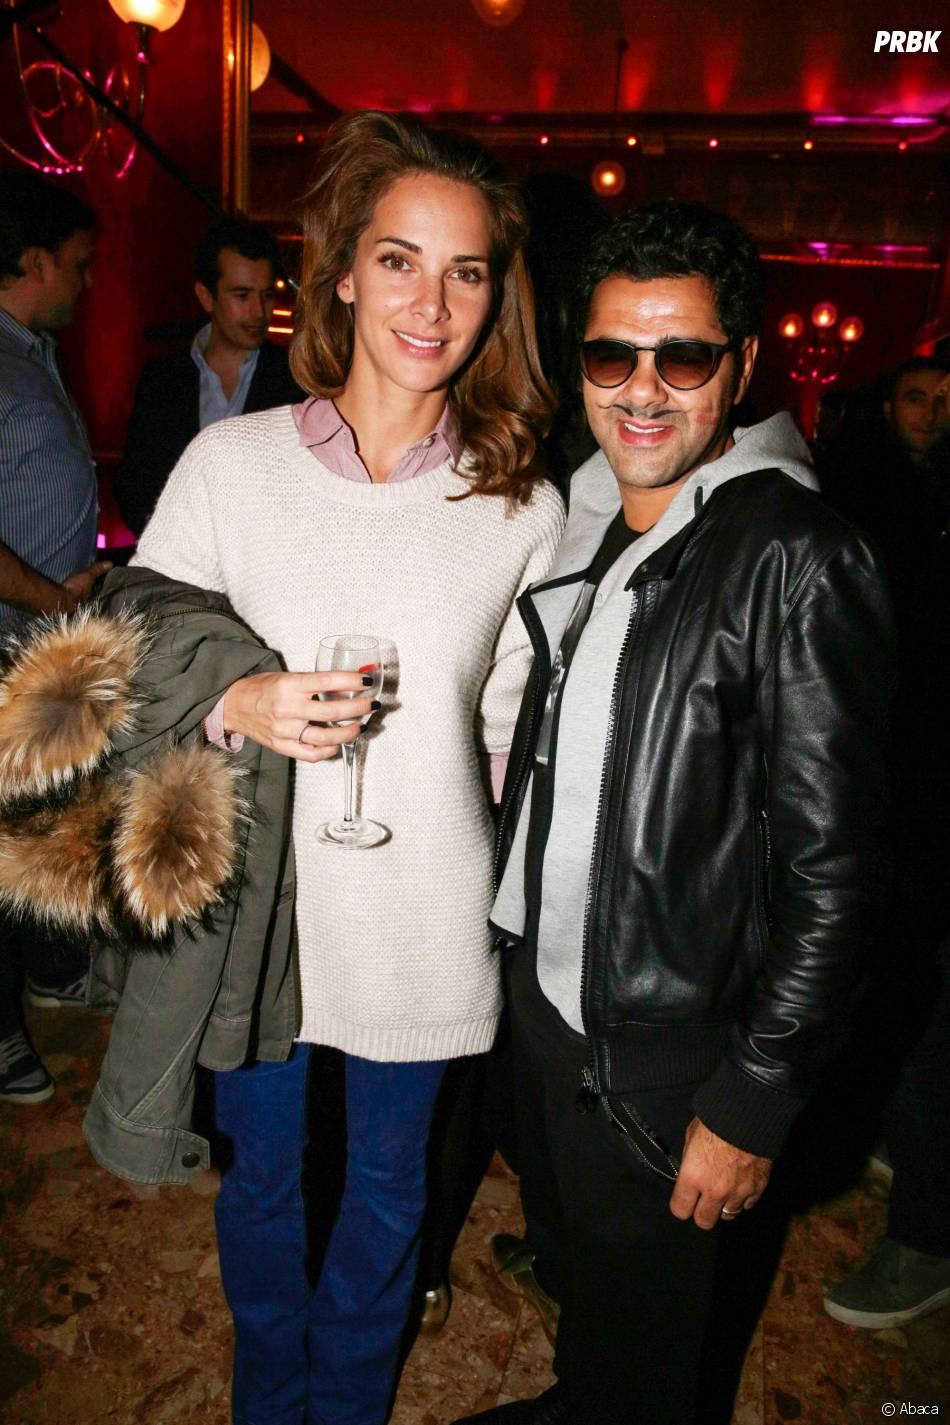 Jamel Debbouze et Mélissa Theuriau au Prix Fooding 2014 au Cirque d'hiver, le 25 novembre 2013